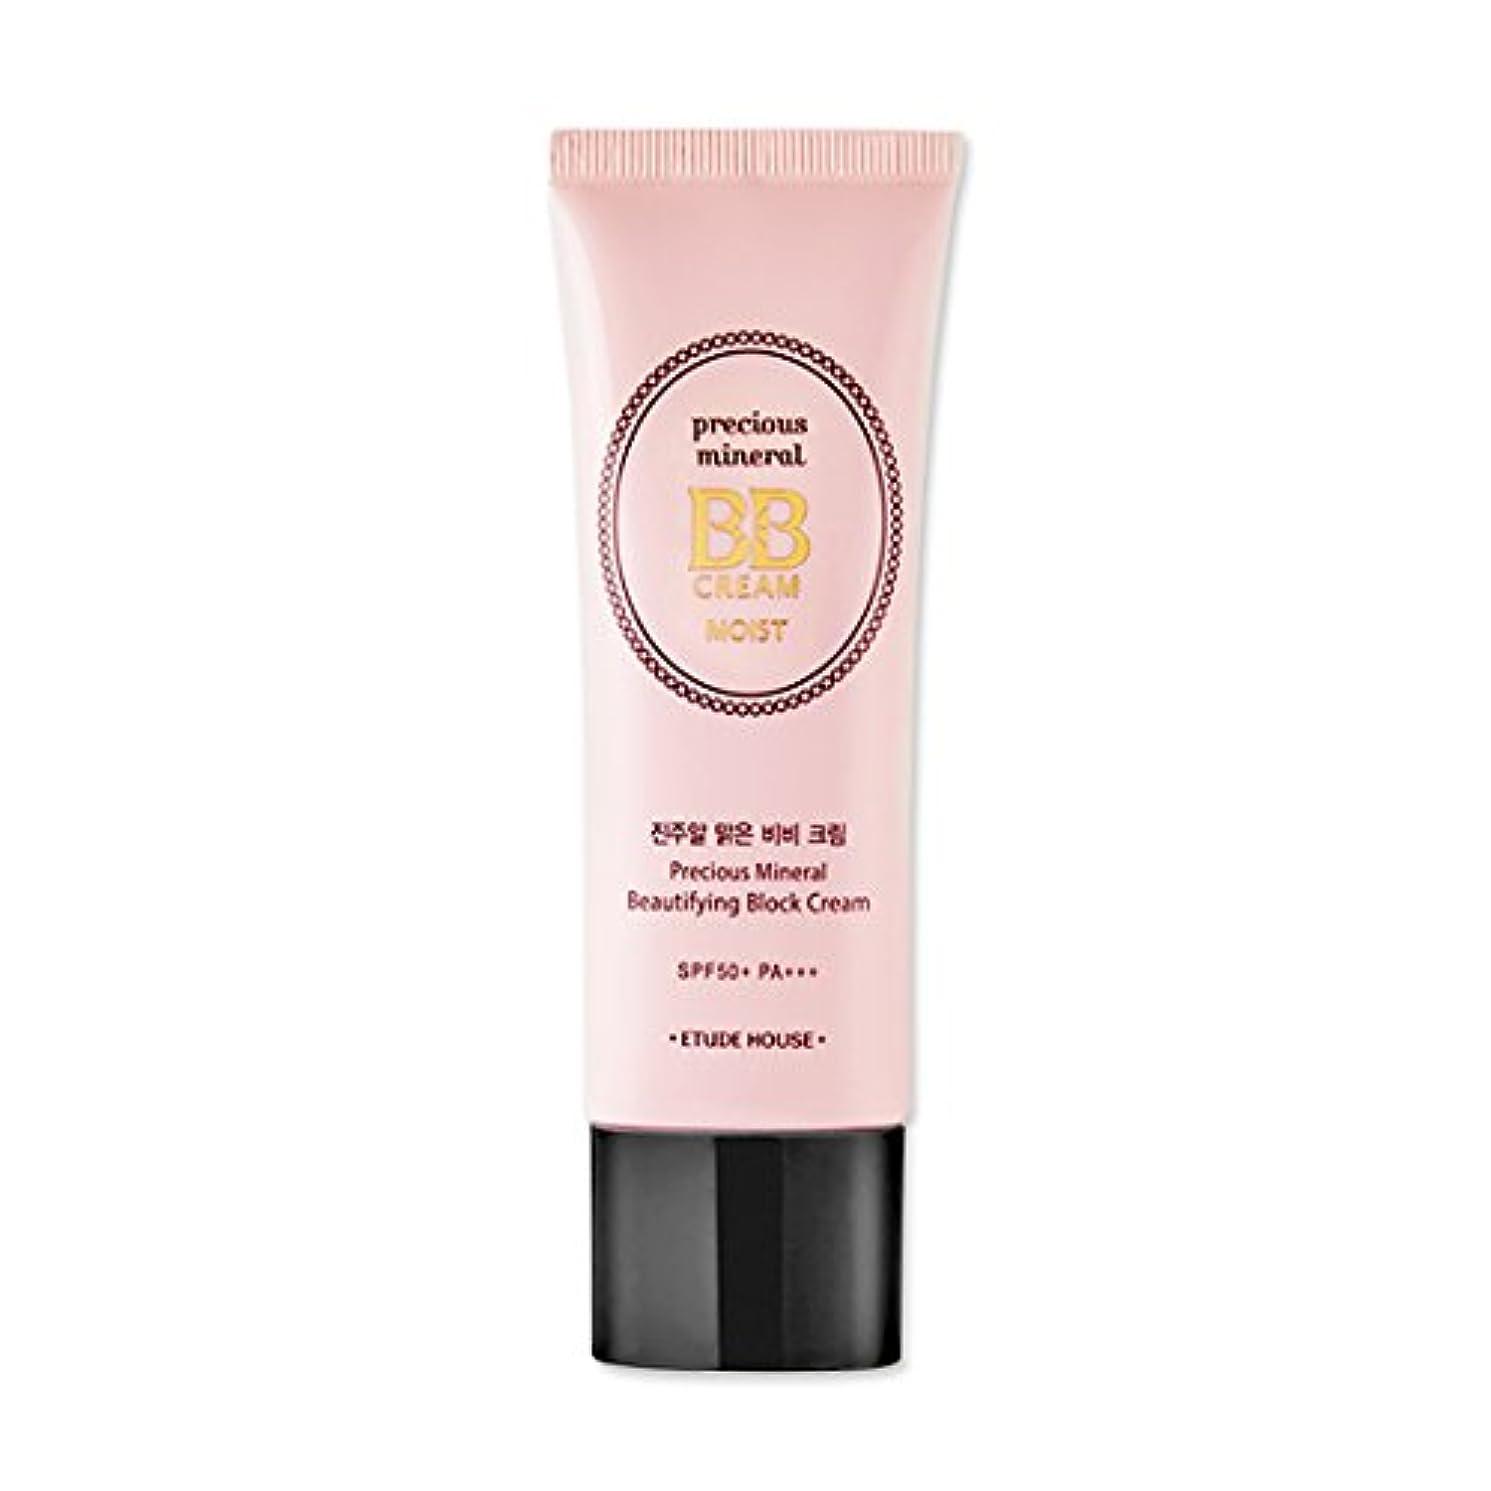 マニアックインキュバスジーンズ[New] ETUDE HOUSE Precious Mineral BB Cream * Moist * 45g/エチュードハウス プレシャス ミネラル BBクリーム * モイスト * 45g (#Beige) [並行輸入品]